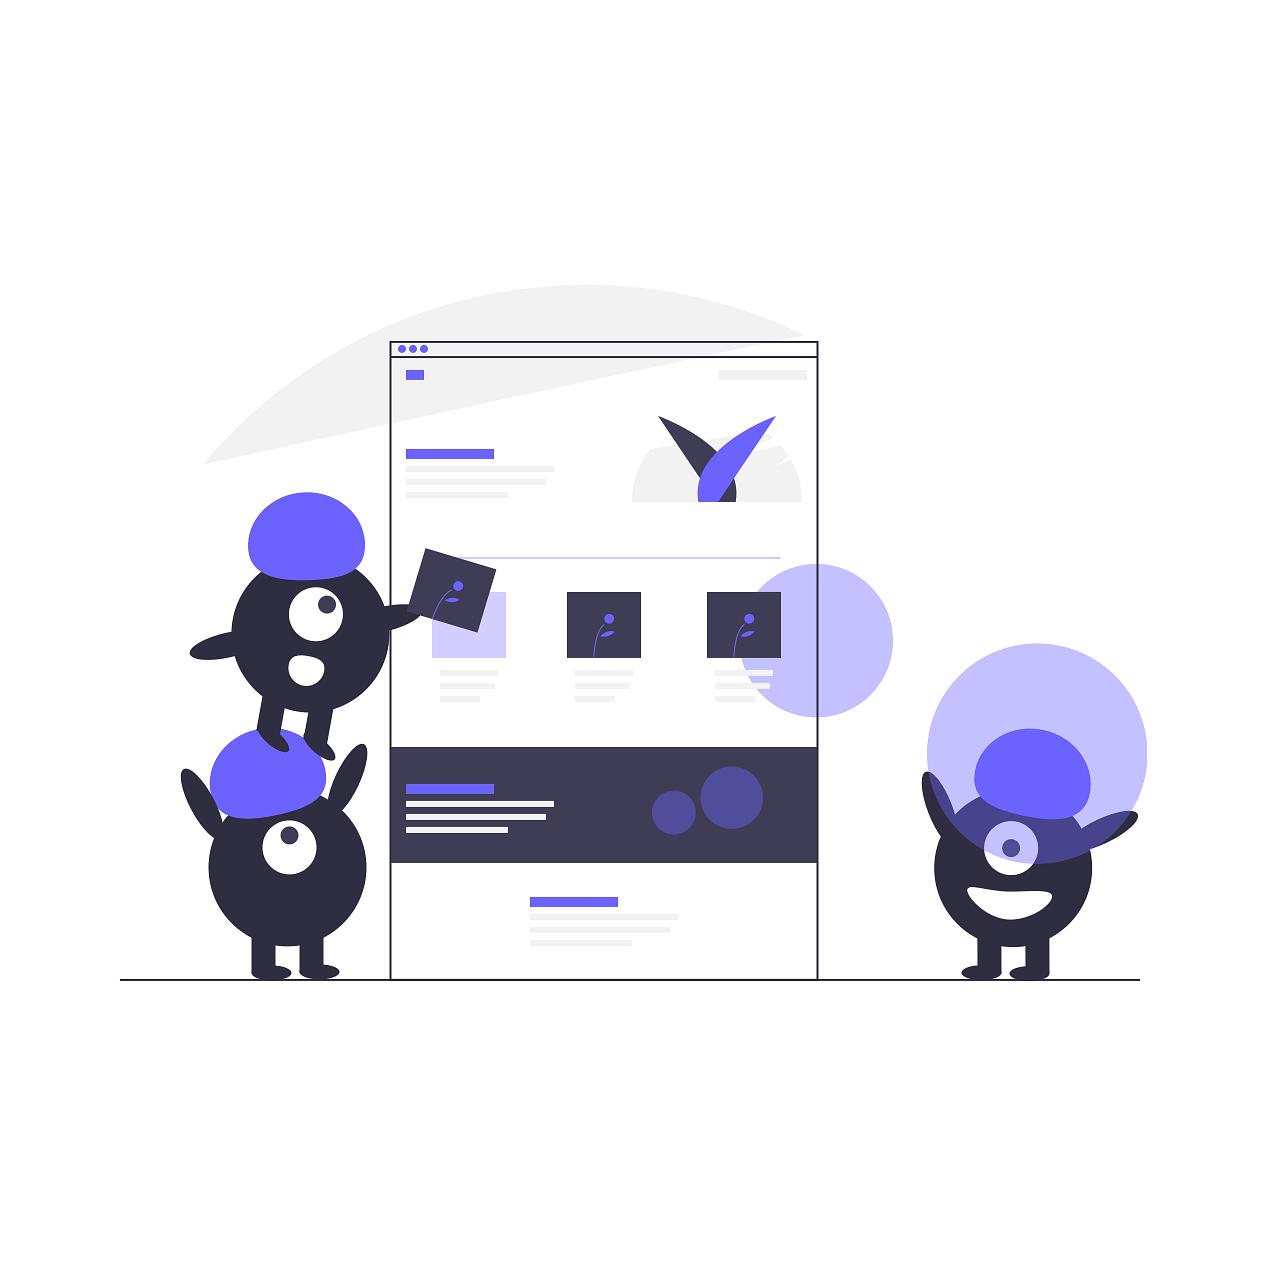 Czym jest Design System?